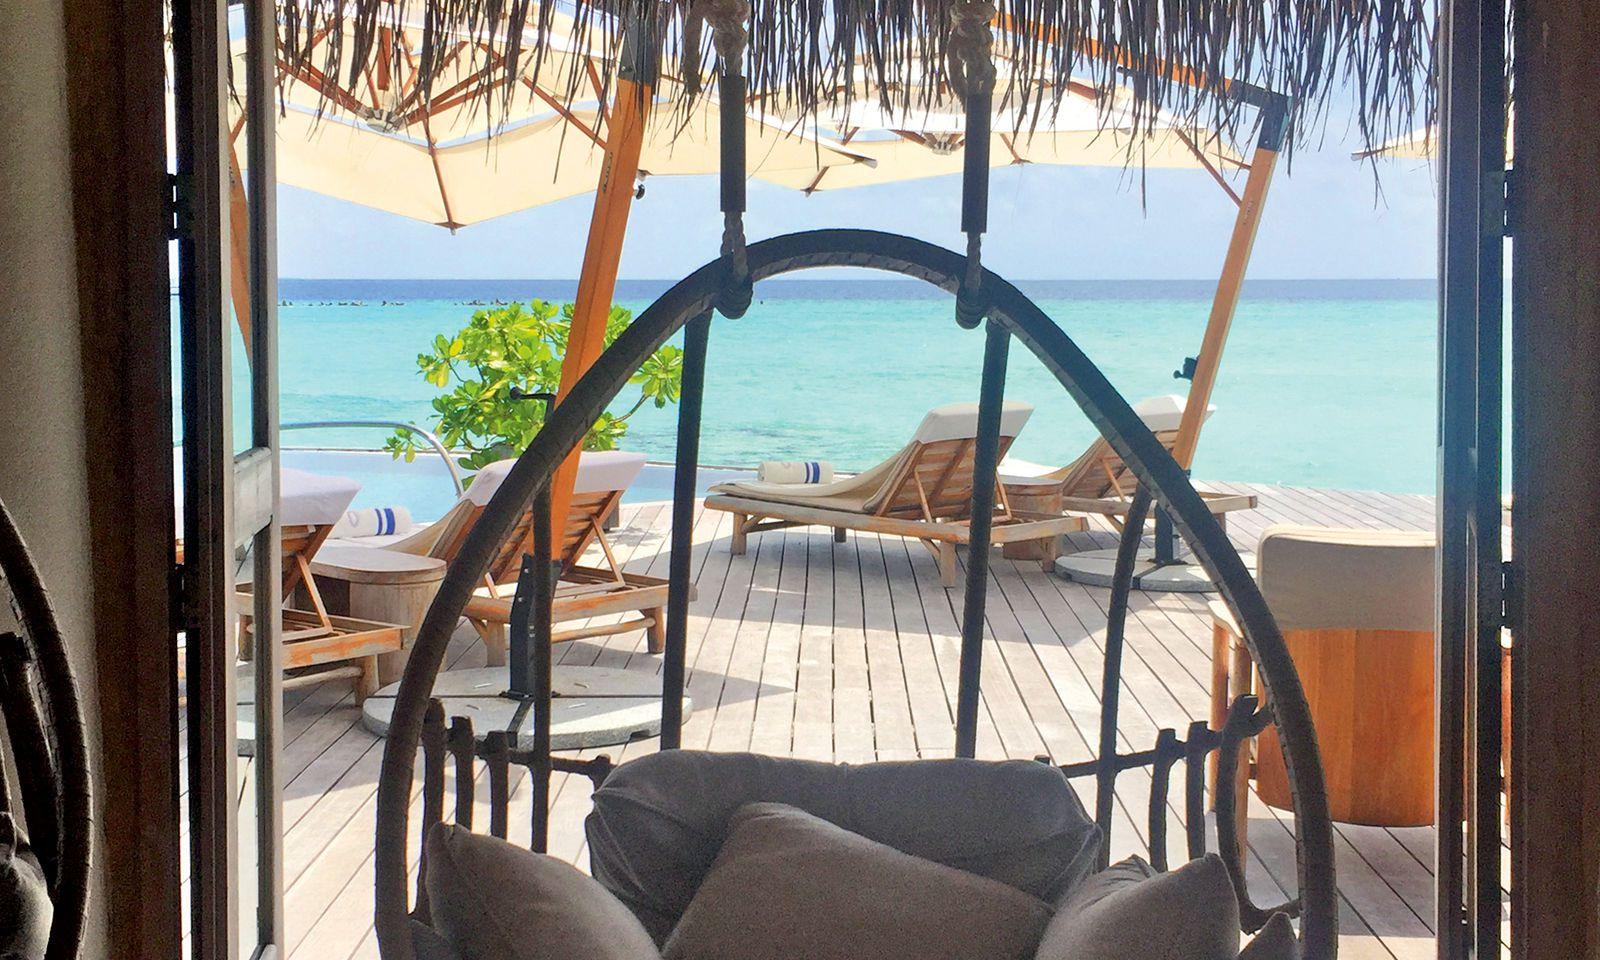 Weit weg. Platz nehmen und die Seele baumeln lassen. Auf den Malediven fühlt man sich entrückt.